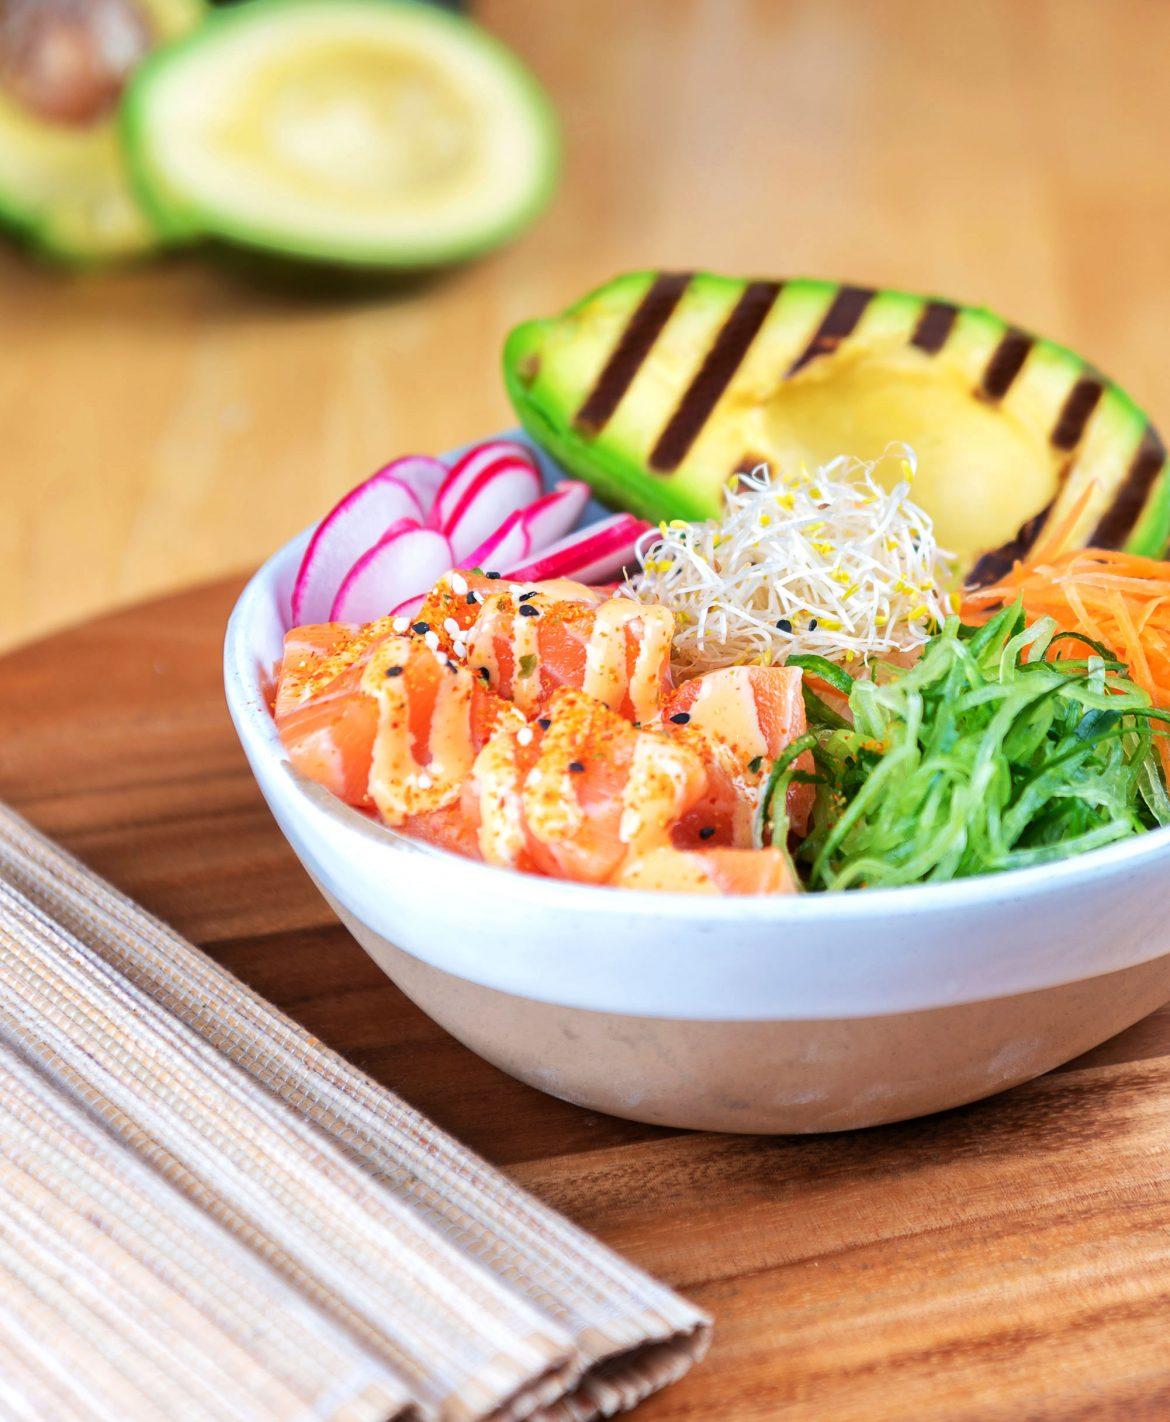 مطعم سوشيال هاوس دبي يطلق قائمة الطعام بوك بول